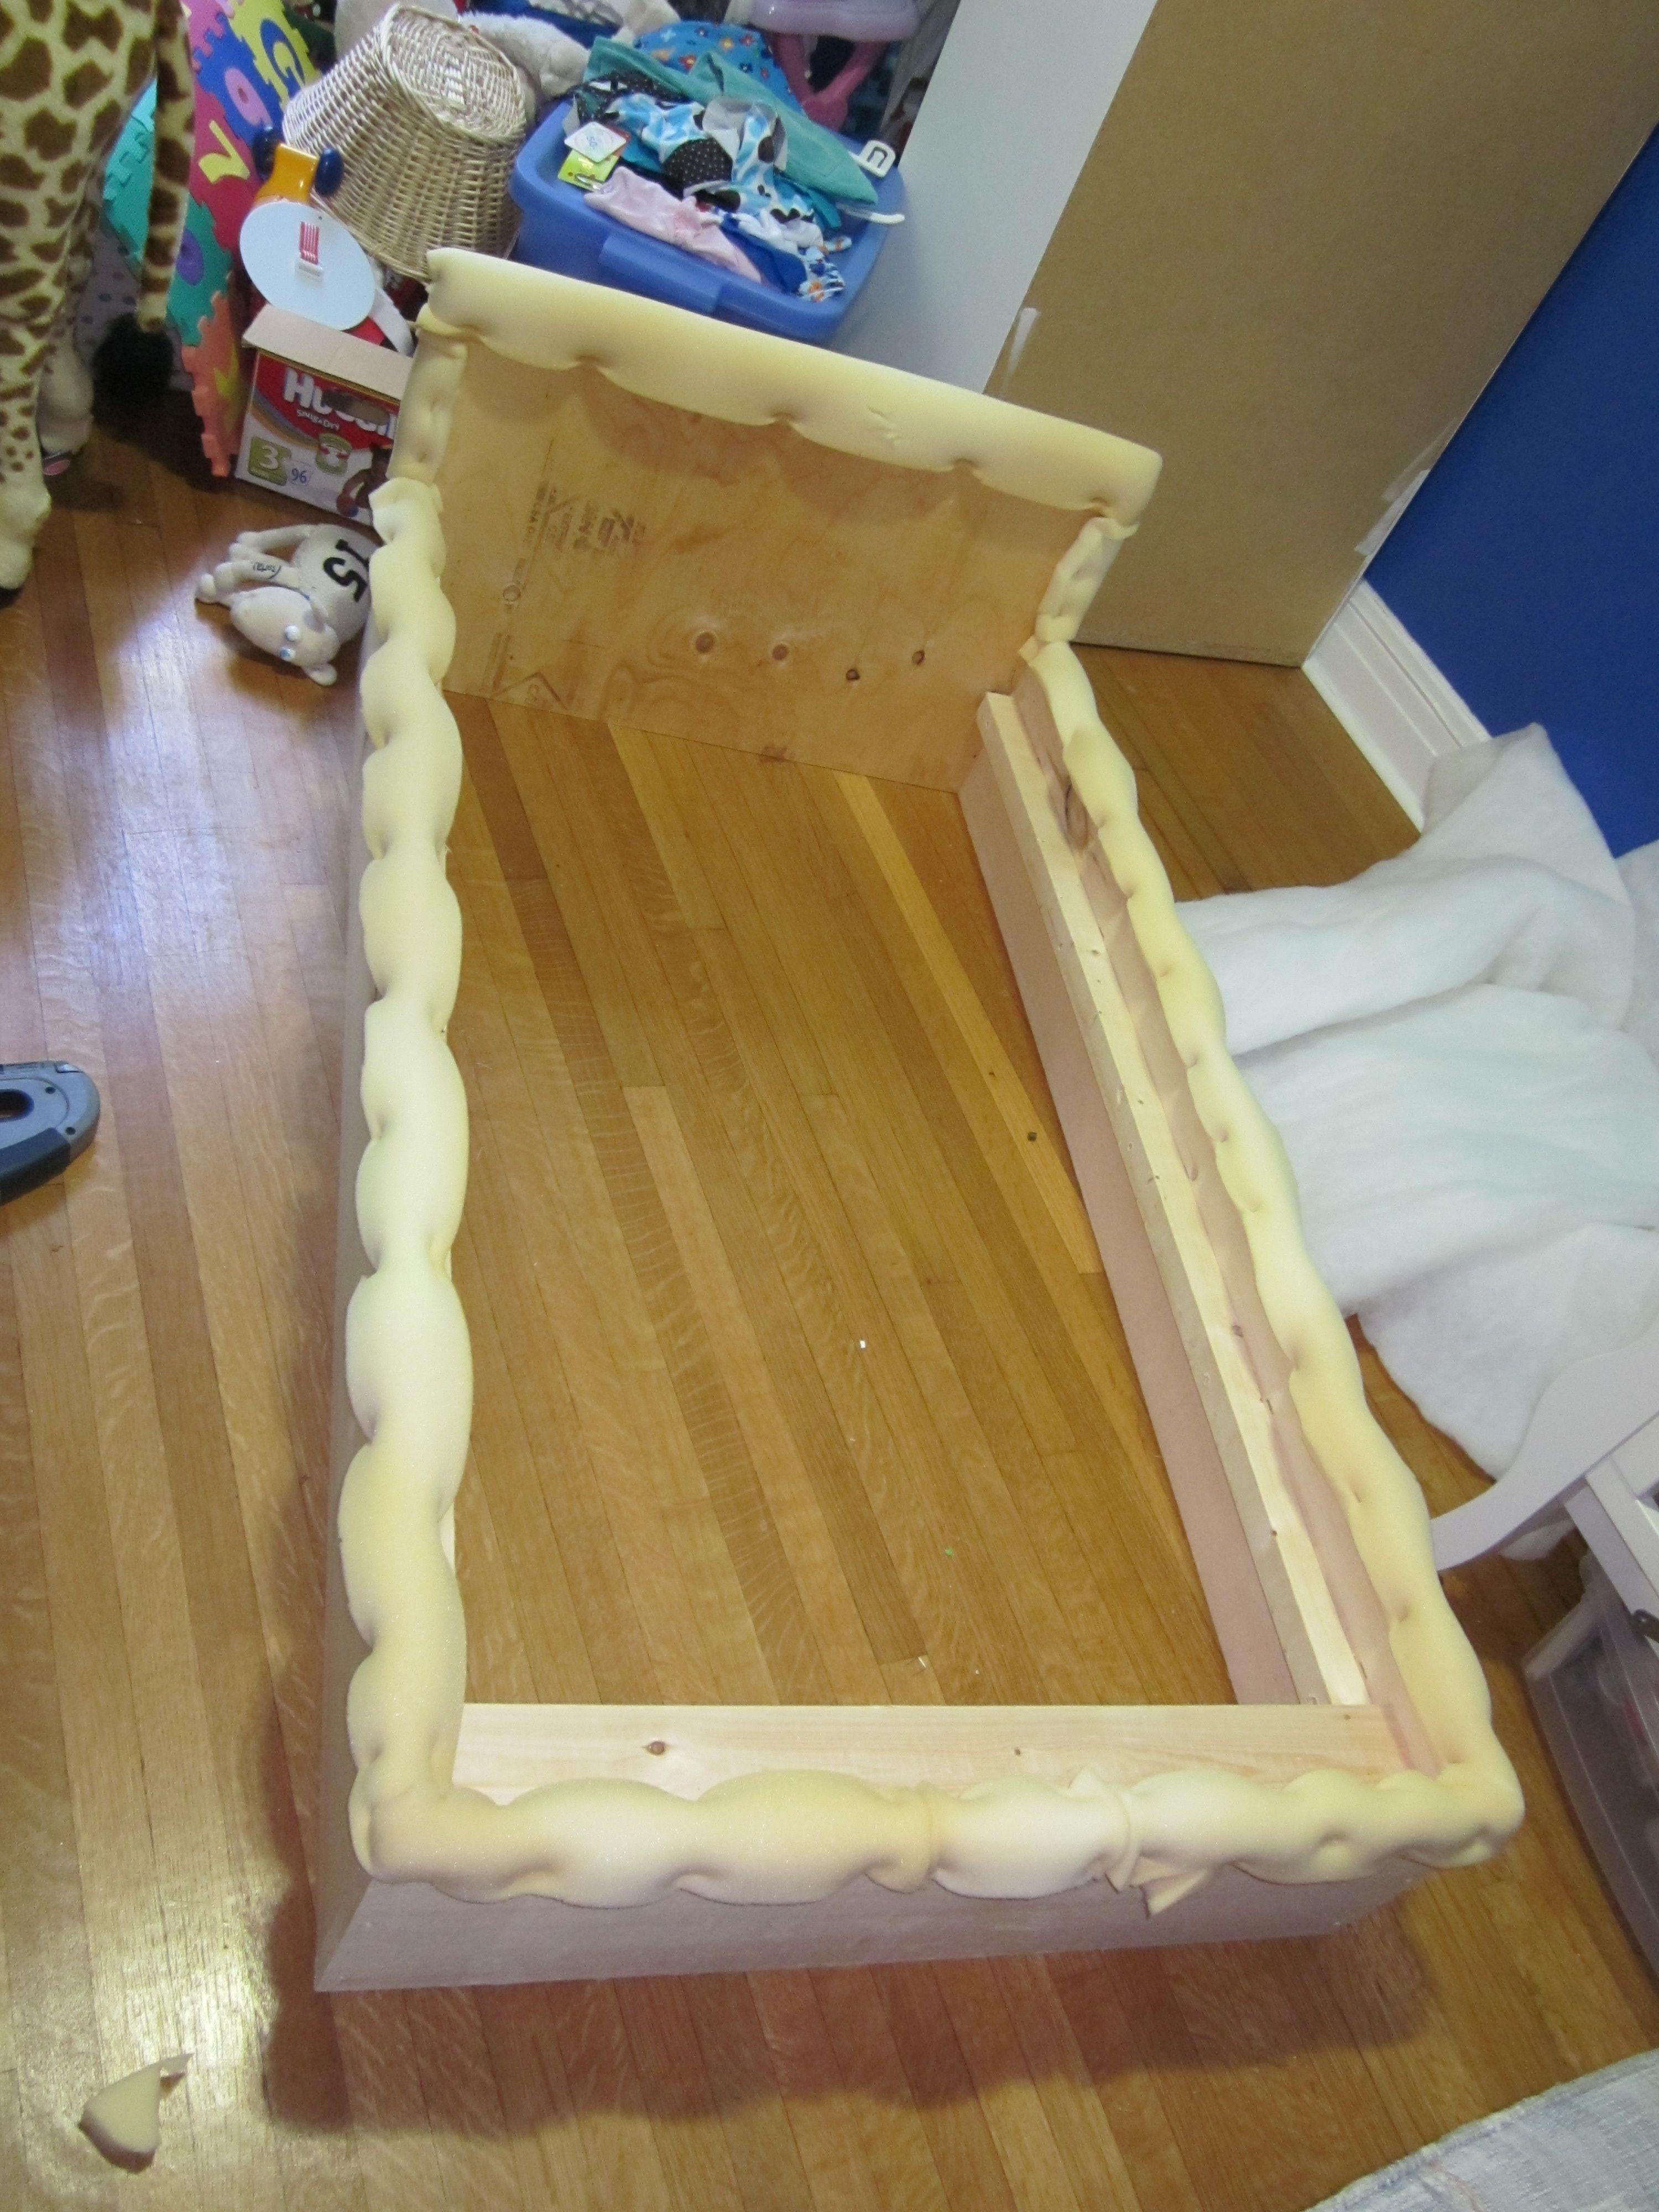 Best Upholstered Toddler Bed Tutorial Diy Toddler Bed 400 x 300